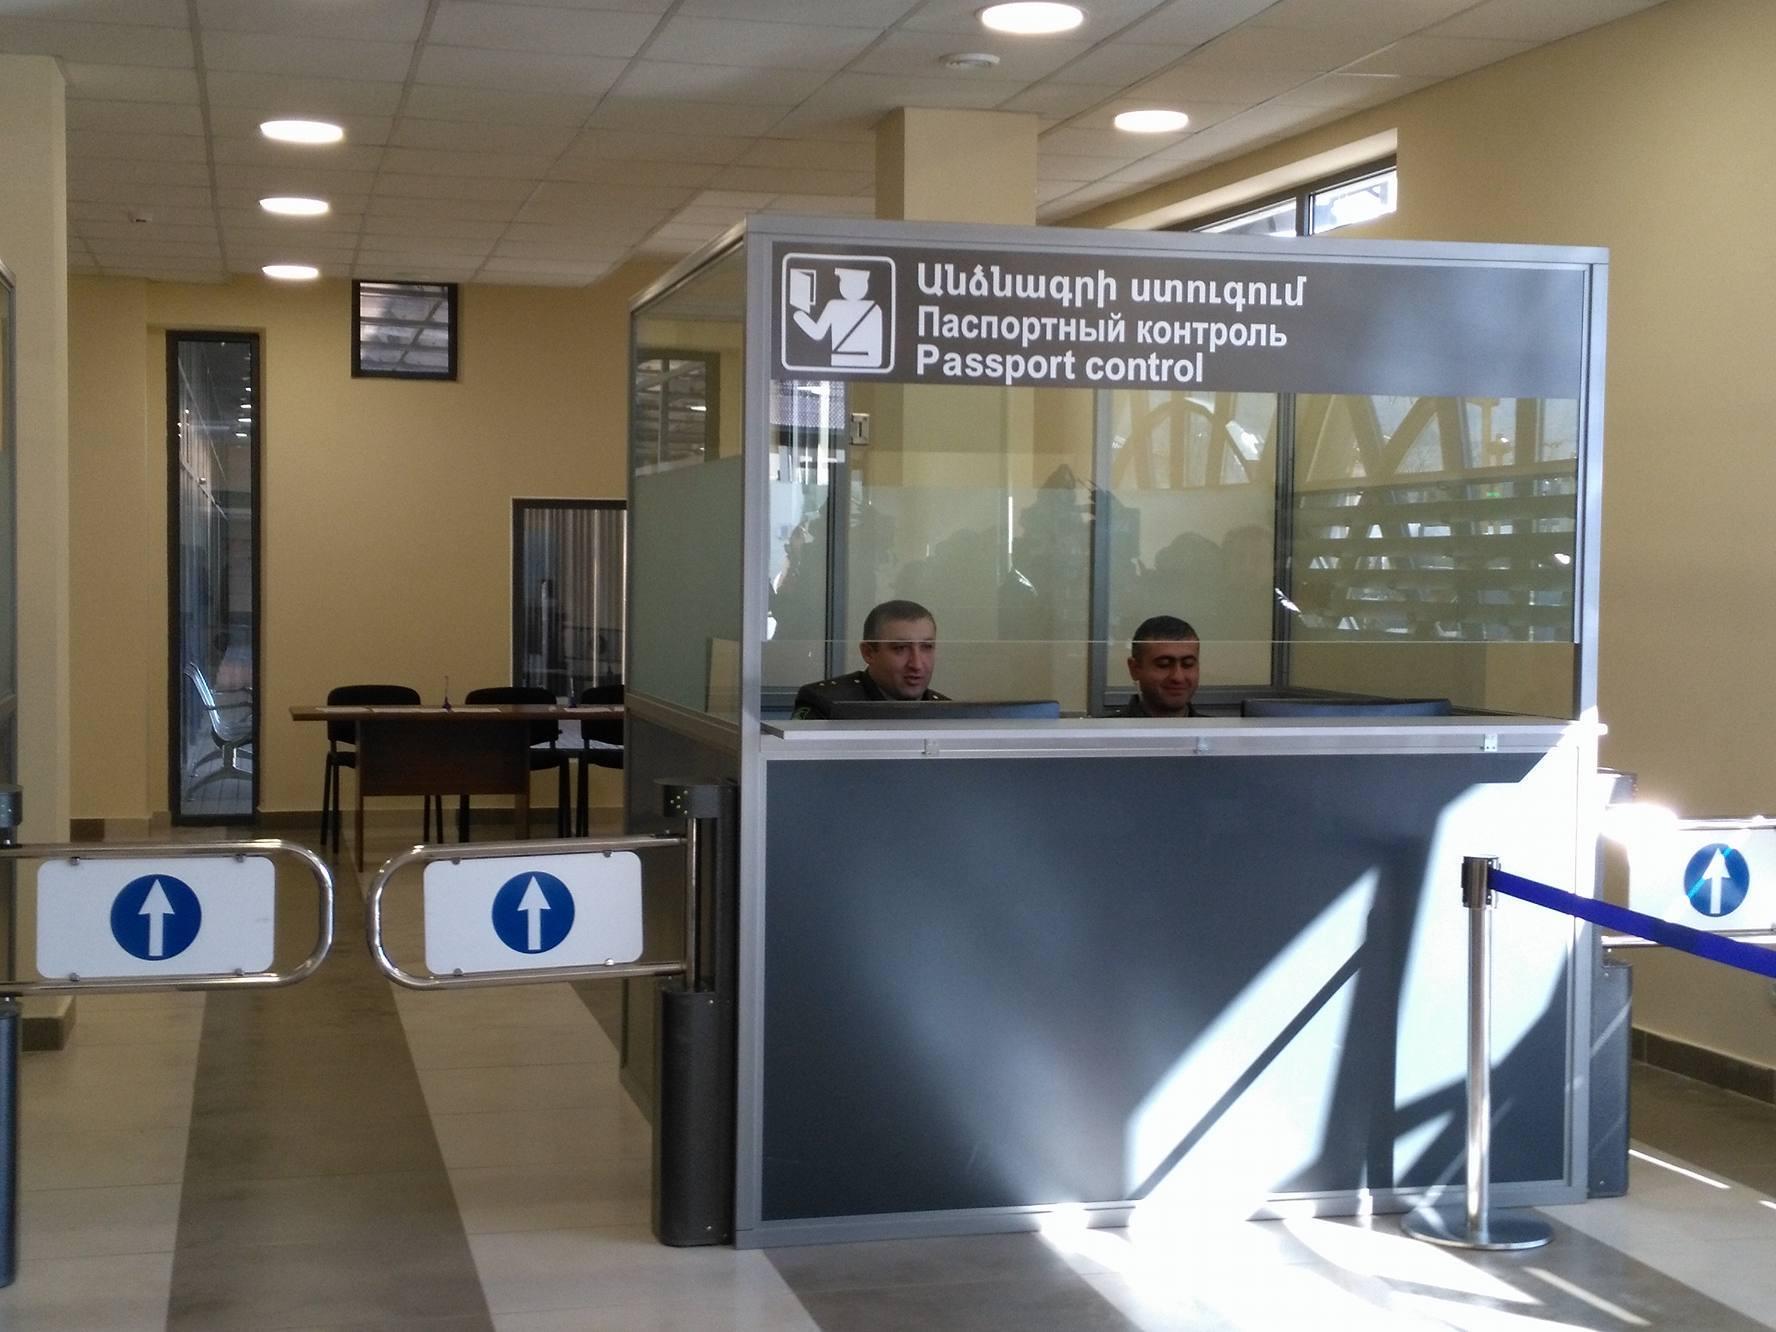 Паспортный контроль в аэропорту Тбилиси